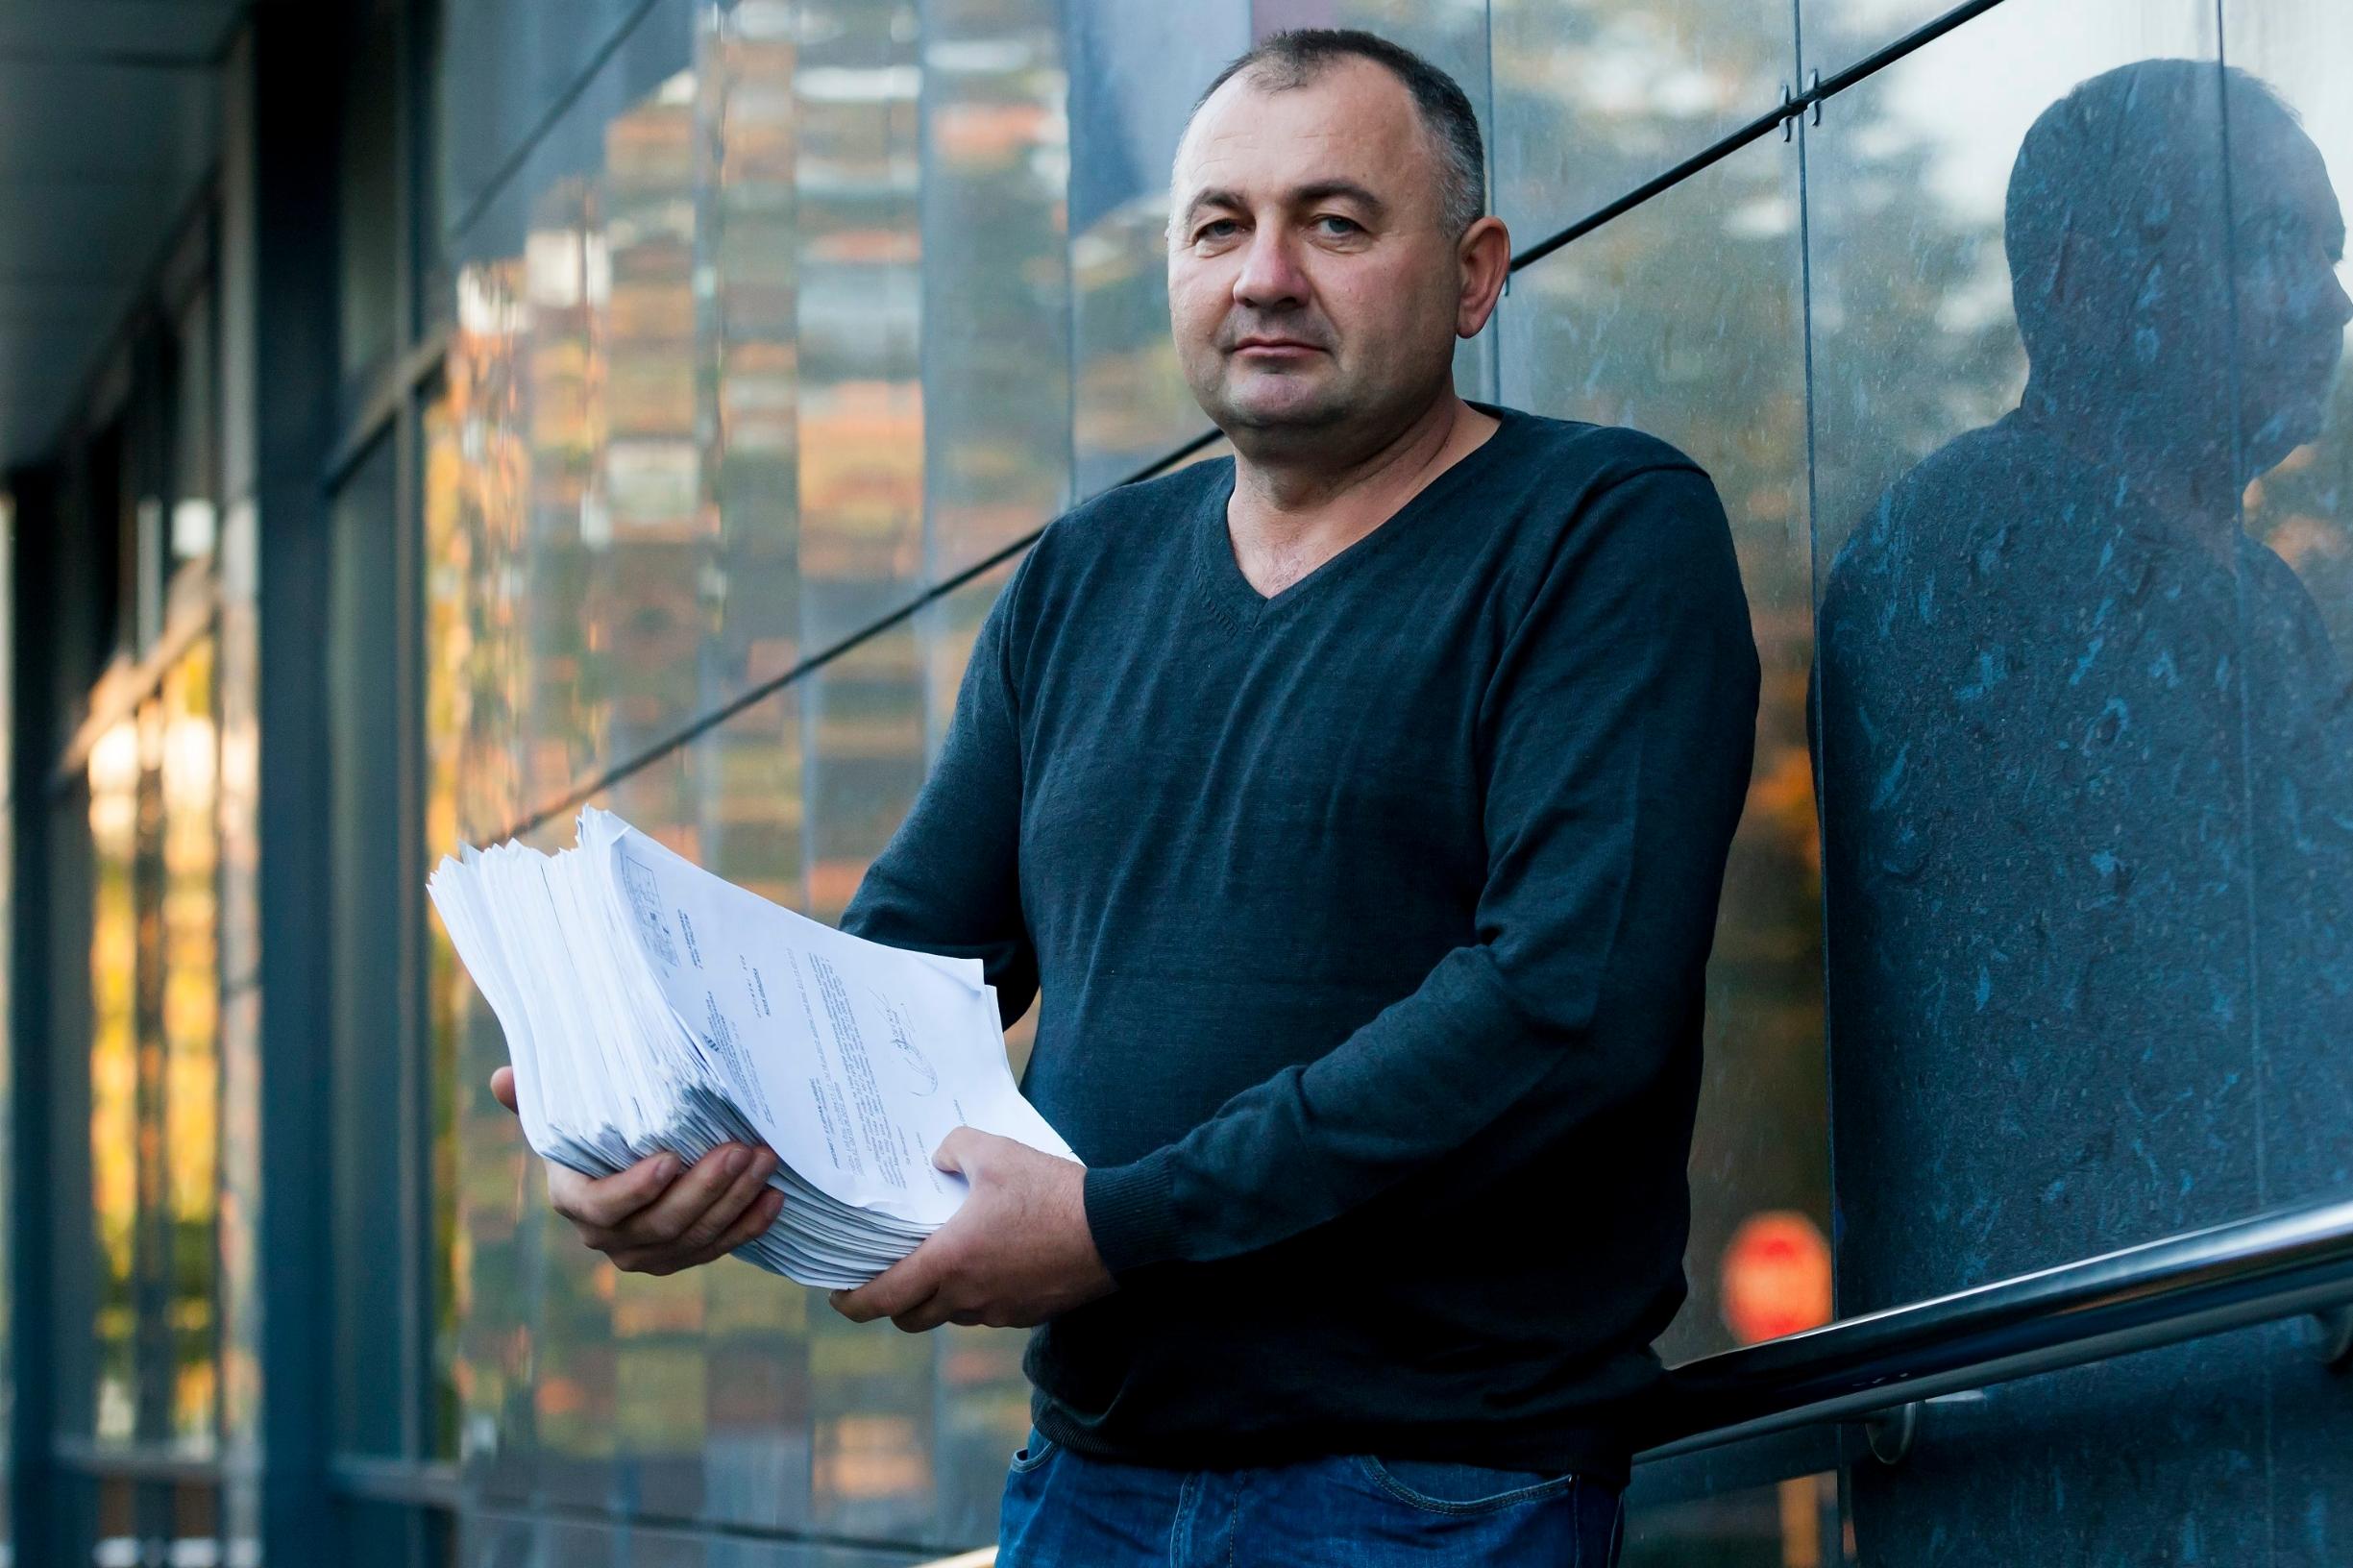 Stjepan Jurišić